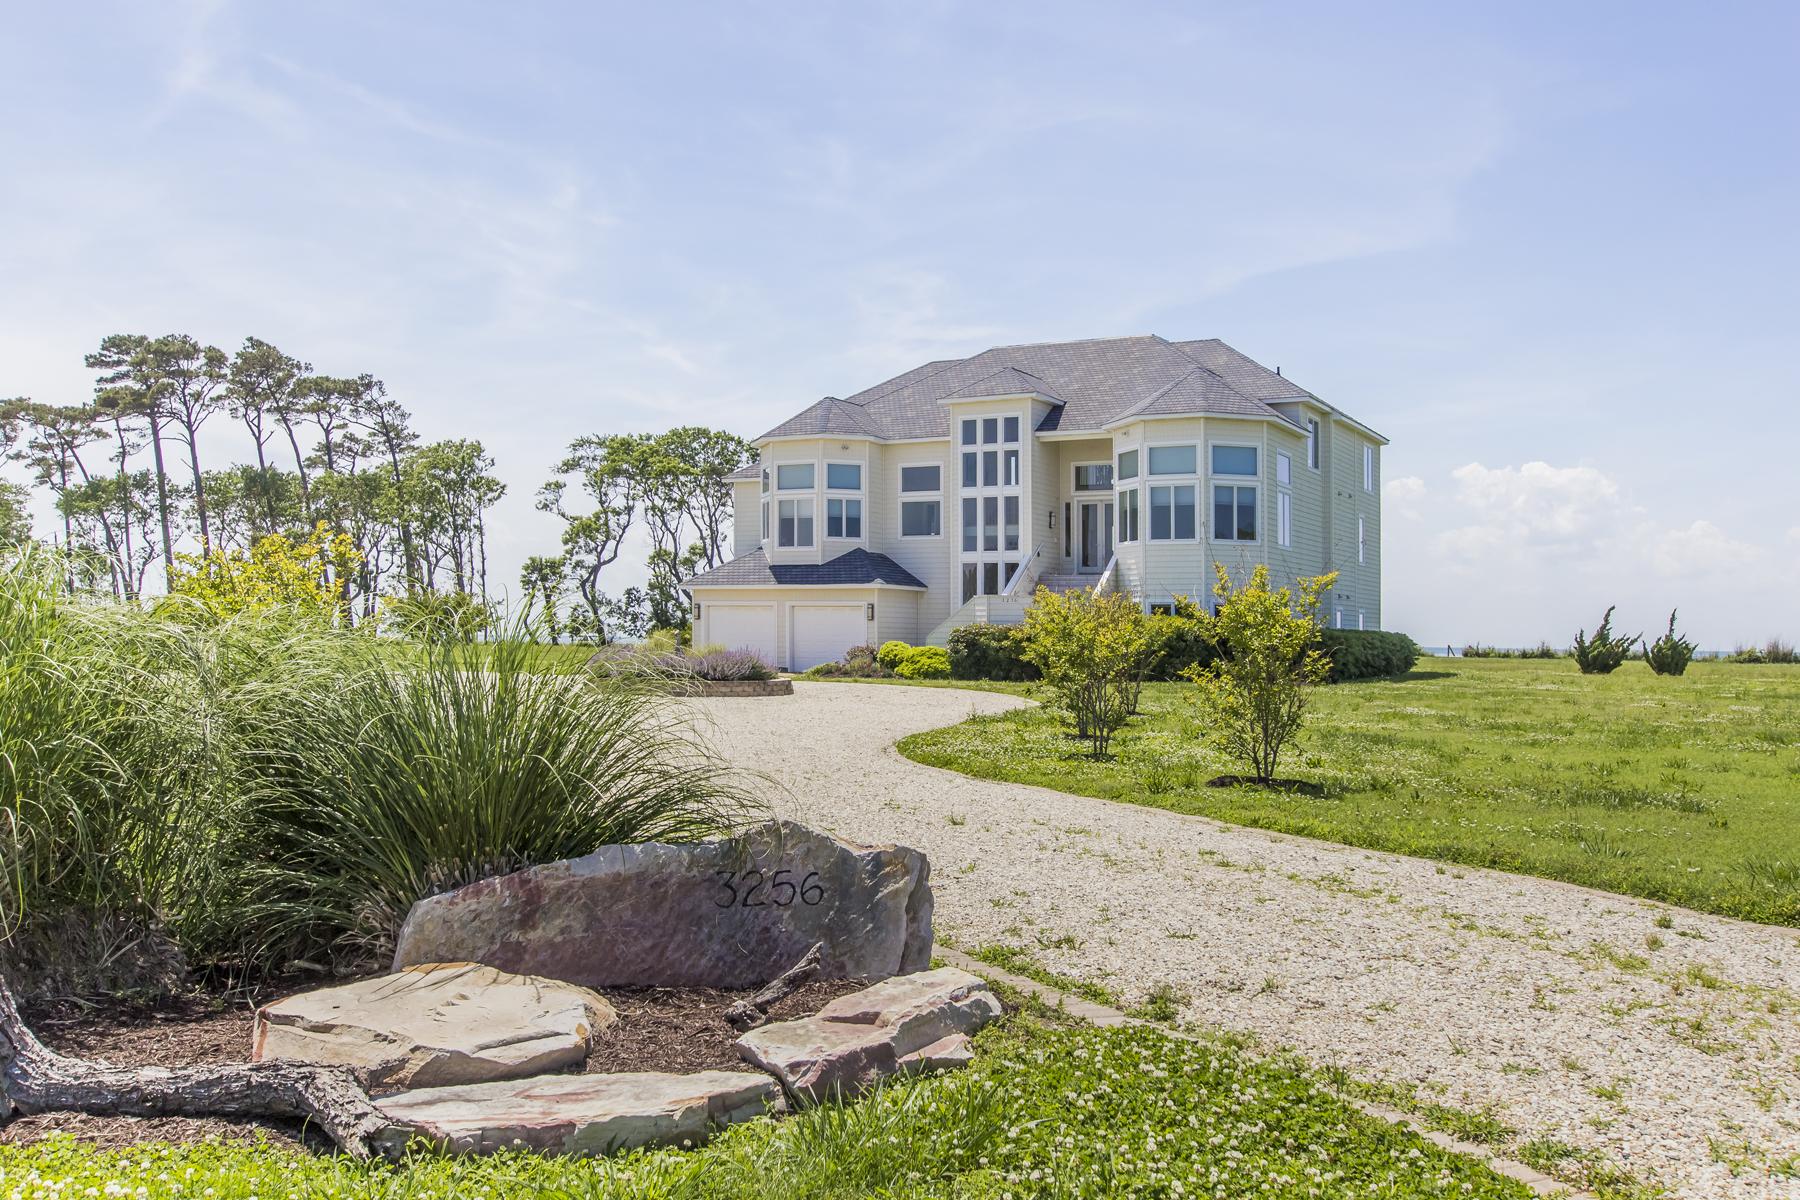 Einfamilienhaus für Verkauf beim Sunset Shores 3256 Sunset Way Machipongo, Virginia, 23405 Vereinigte Staaten